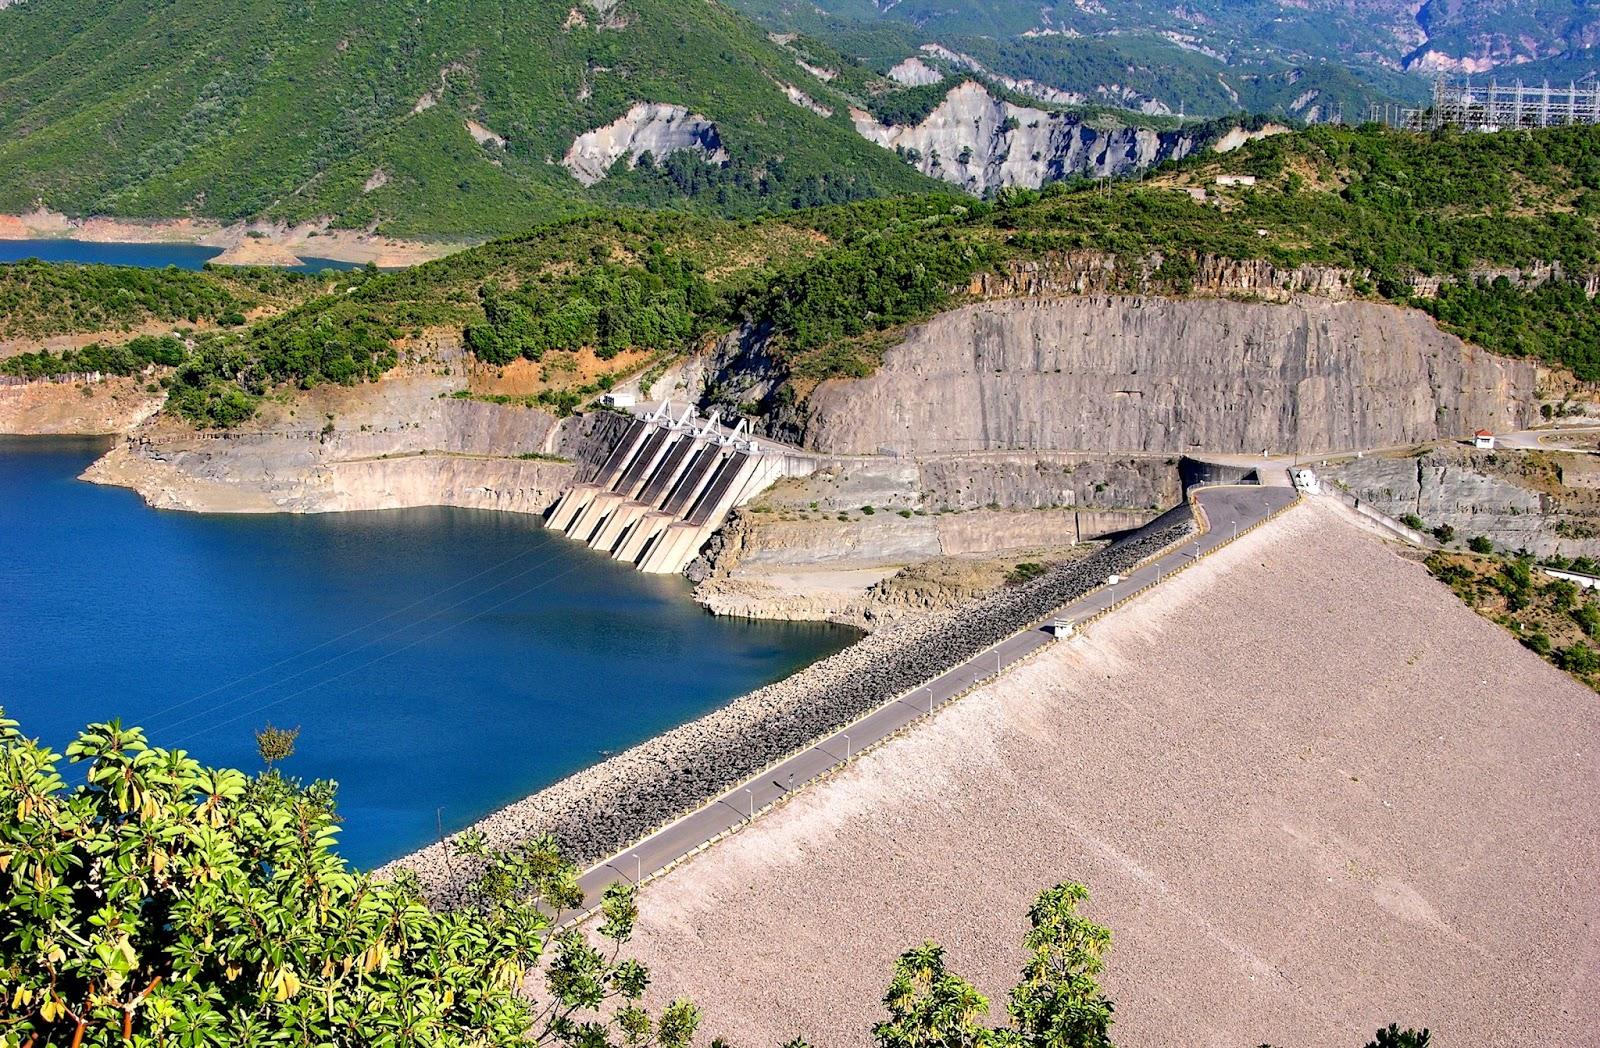 Αποτέλεσμα εικόνας για Λίμνη Κρεμαστών